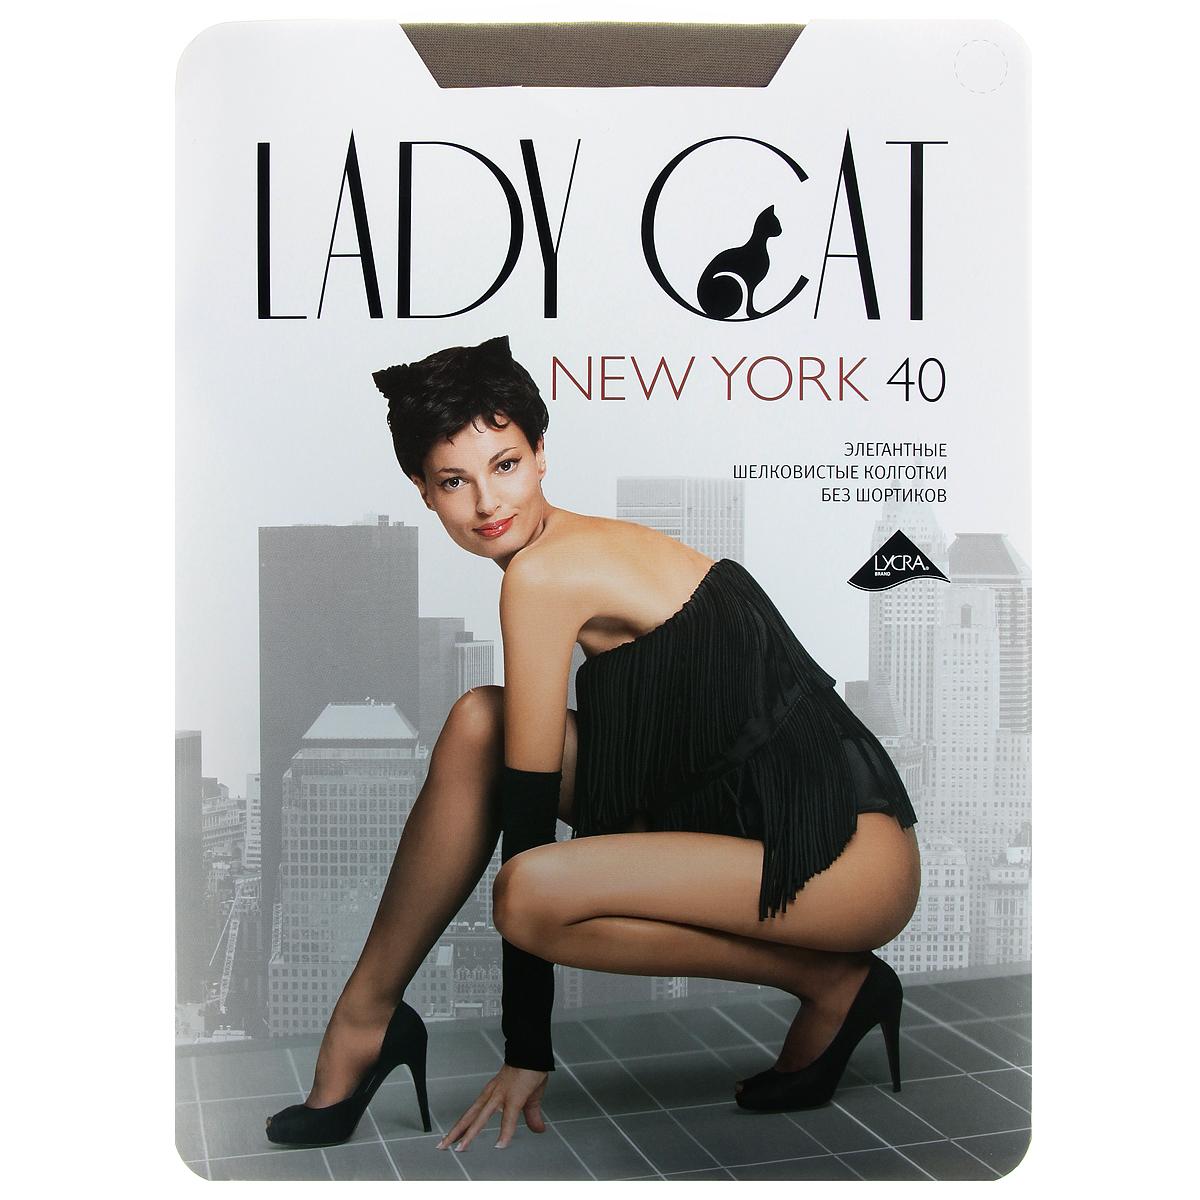 Колготки New York 40New York 40 Suntan (загар)Элегантные шелковистые колготки Грация Lady Cat New York 40 без шортиков, благодаря высокому содержанию лайкры, имеют легкий утягивающий эффект. Хлопковая ластовица и плоские швы обеспечивают дополнительный комфорт. 40 den. В коллекциях колготок Грация представлены модели, которые станут удачным дополнением к гардеробу любой женщины. Модели с заниженной и классической линией талии, совсем тоненькие с эффектом прохлады для жарких дней и утепленные с добавлением шерсти. Любая модница знает, что особое внимание при выборе одежки для своих ножек следует уделять фактуре изделия. В коллекции колготок Грация вы найдете и шелковистые колготки с добавлением лайкры, которые окутают ваши ножки легким мерцанием, и более строгие матовые модели. Но главная особенность колготок Грация - их практичность: они устойчивы к появлению затяжек и очень прочны. В особенно уязвимых зонах многие модели специально уплотнены, что обеспечивает дополнительную защиту.